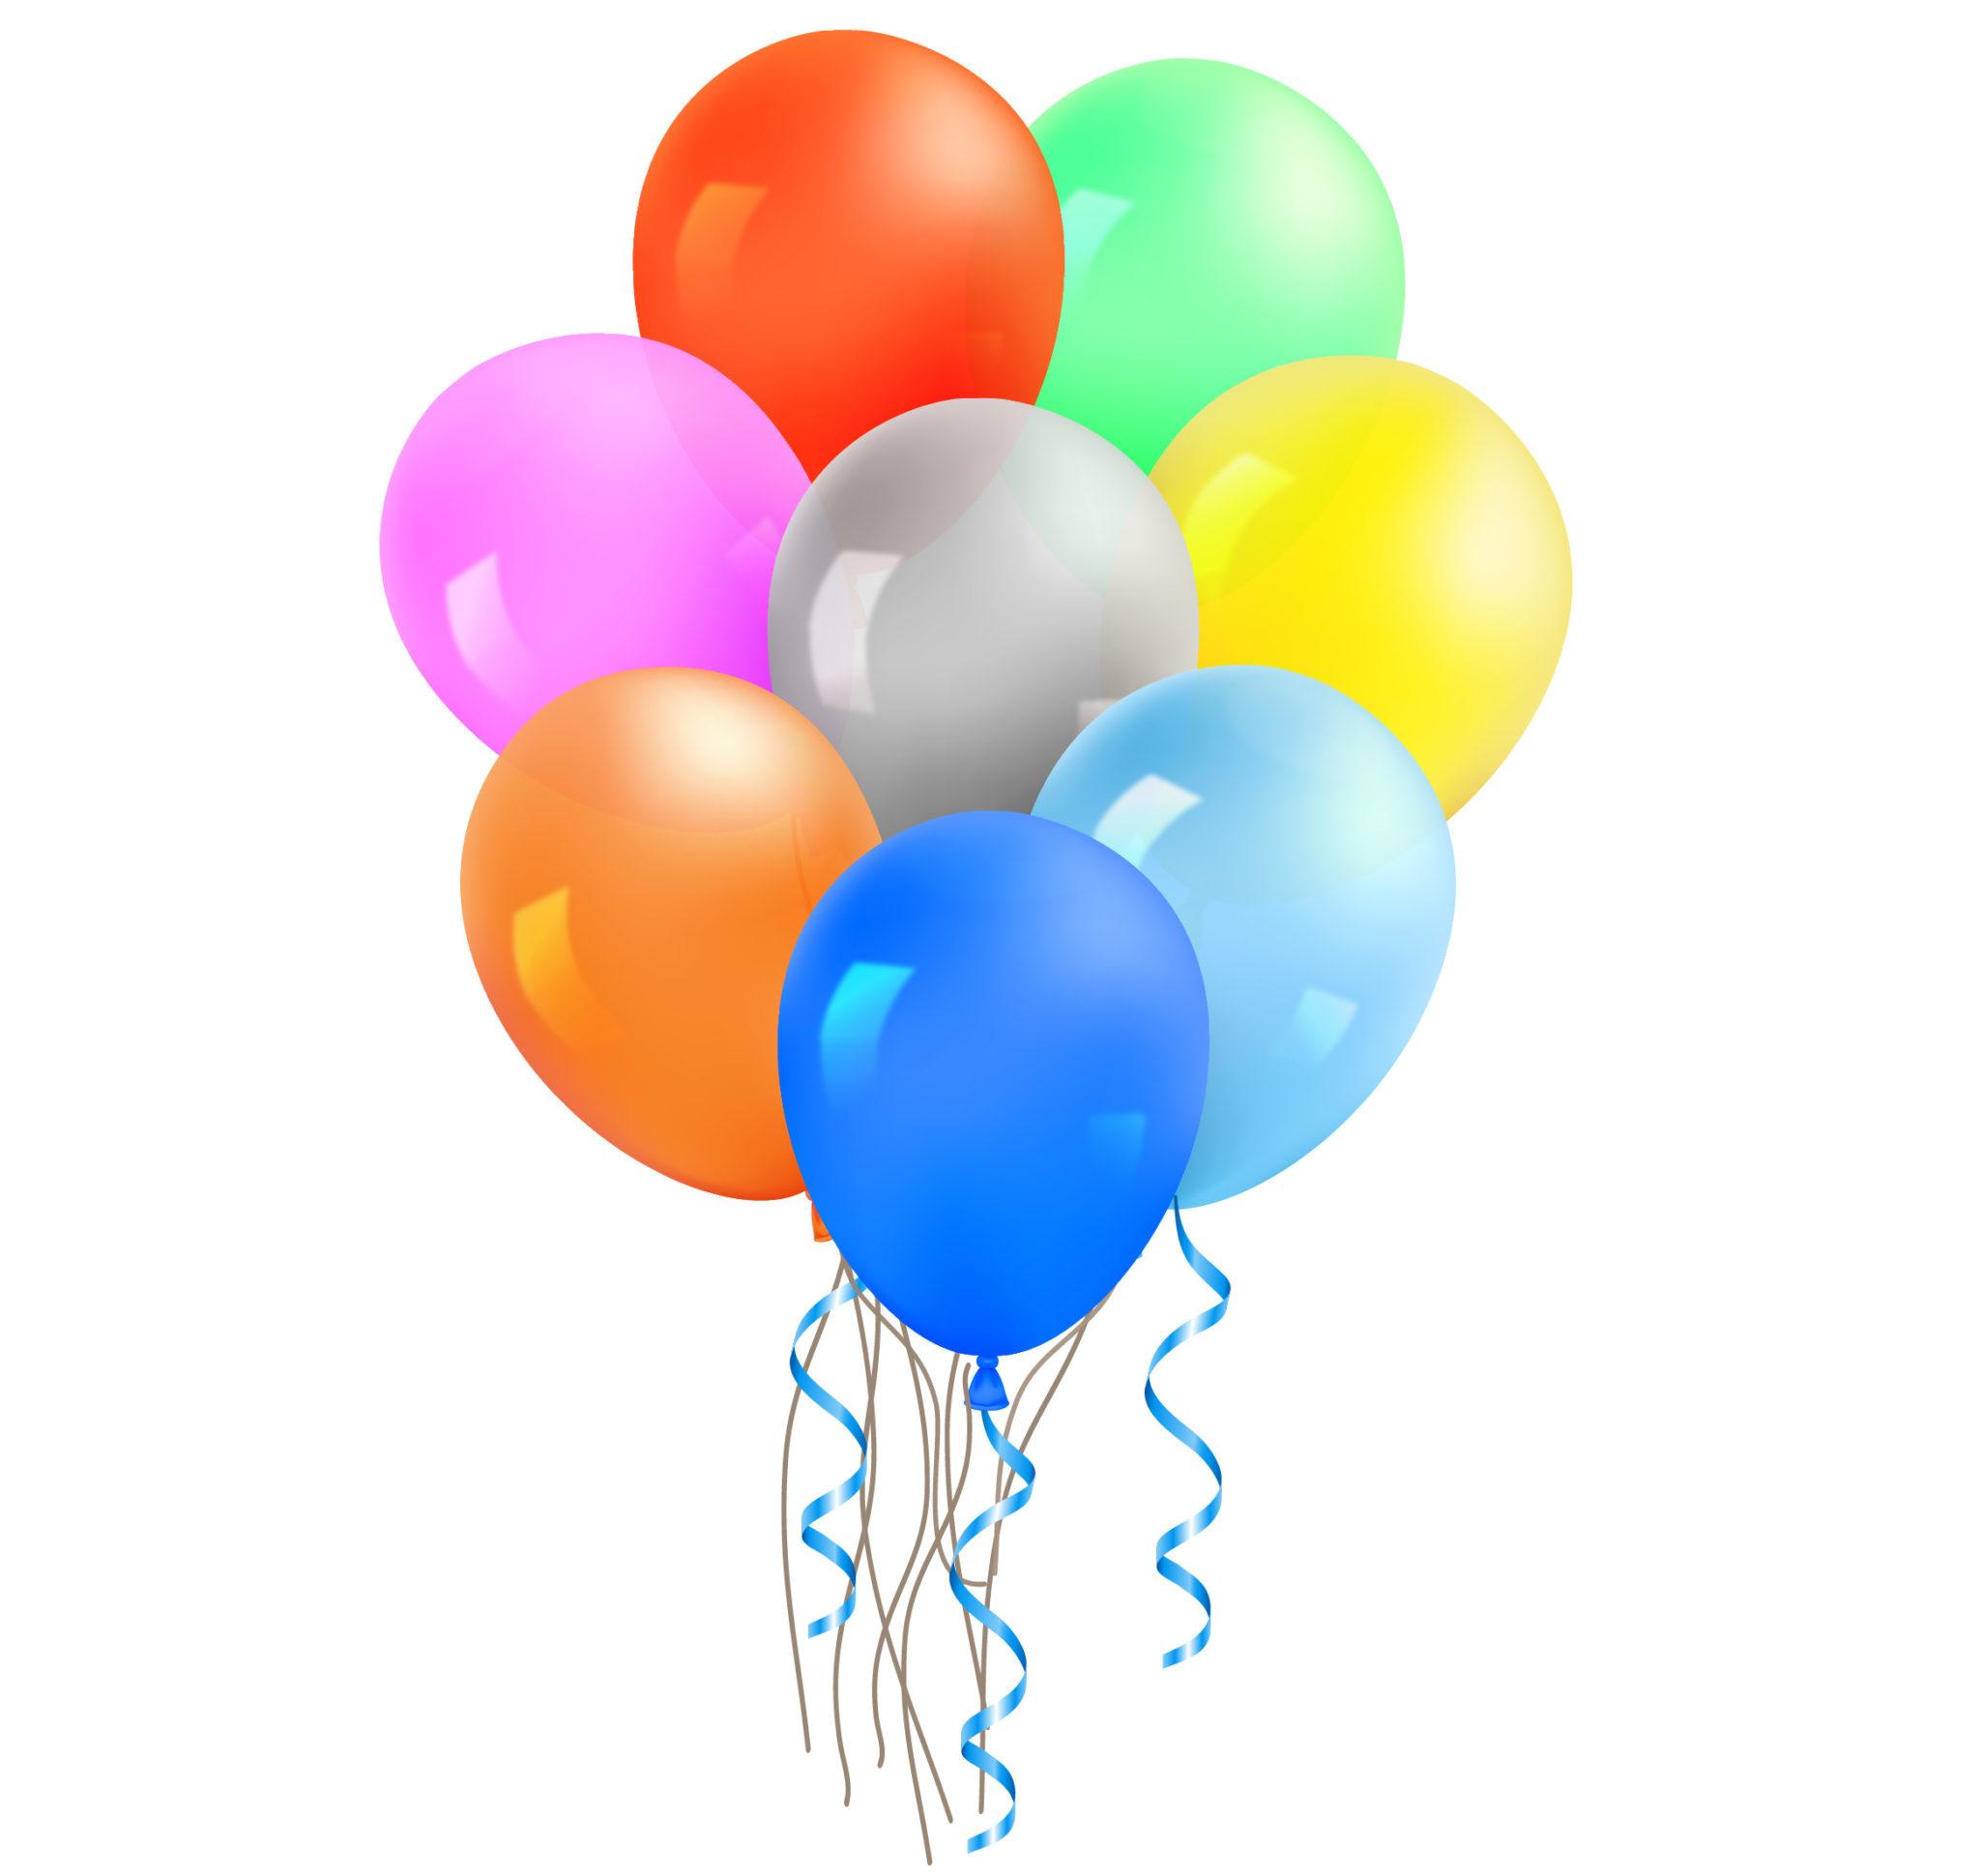 in latex balloons. Ballon clipart colorful balloon